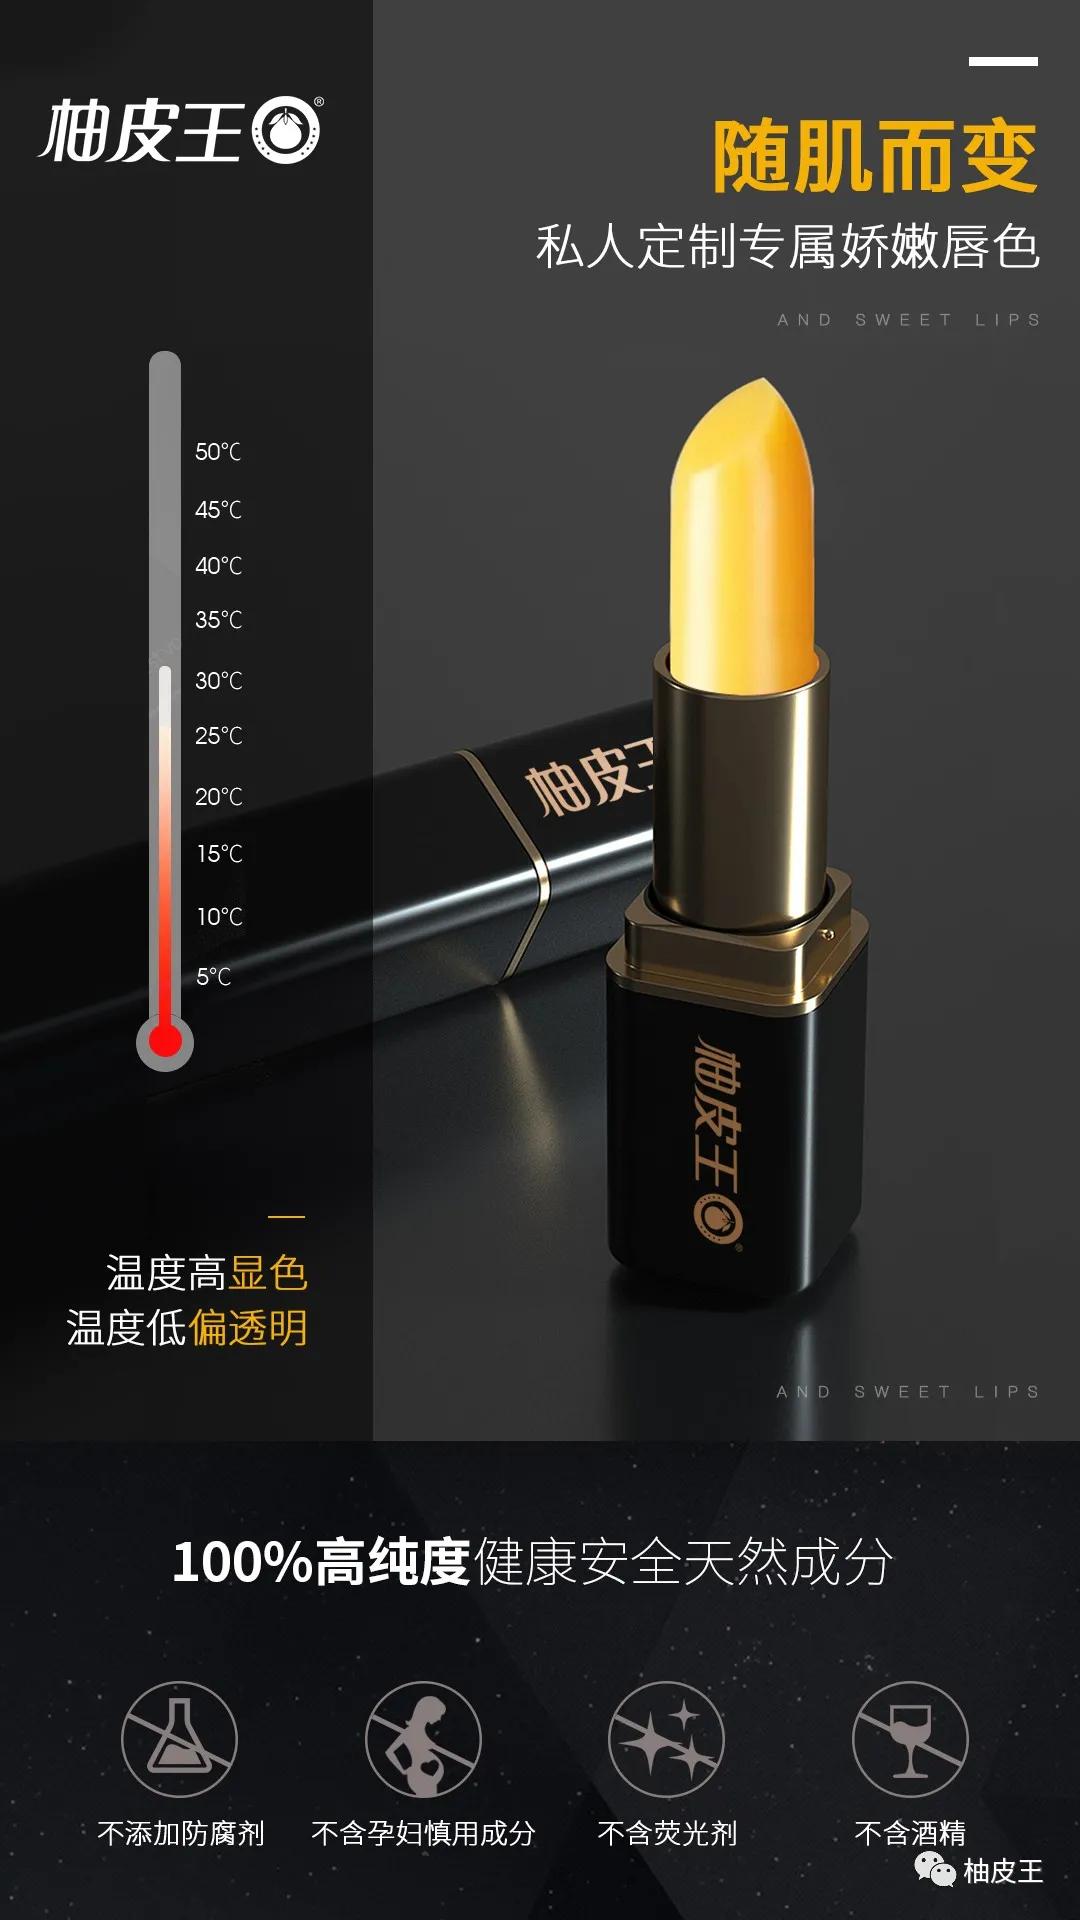 柚皮王新品上市|妆护合一温感变色唇膏